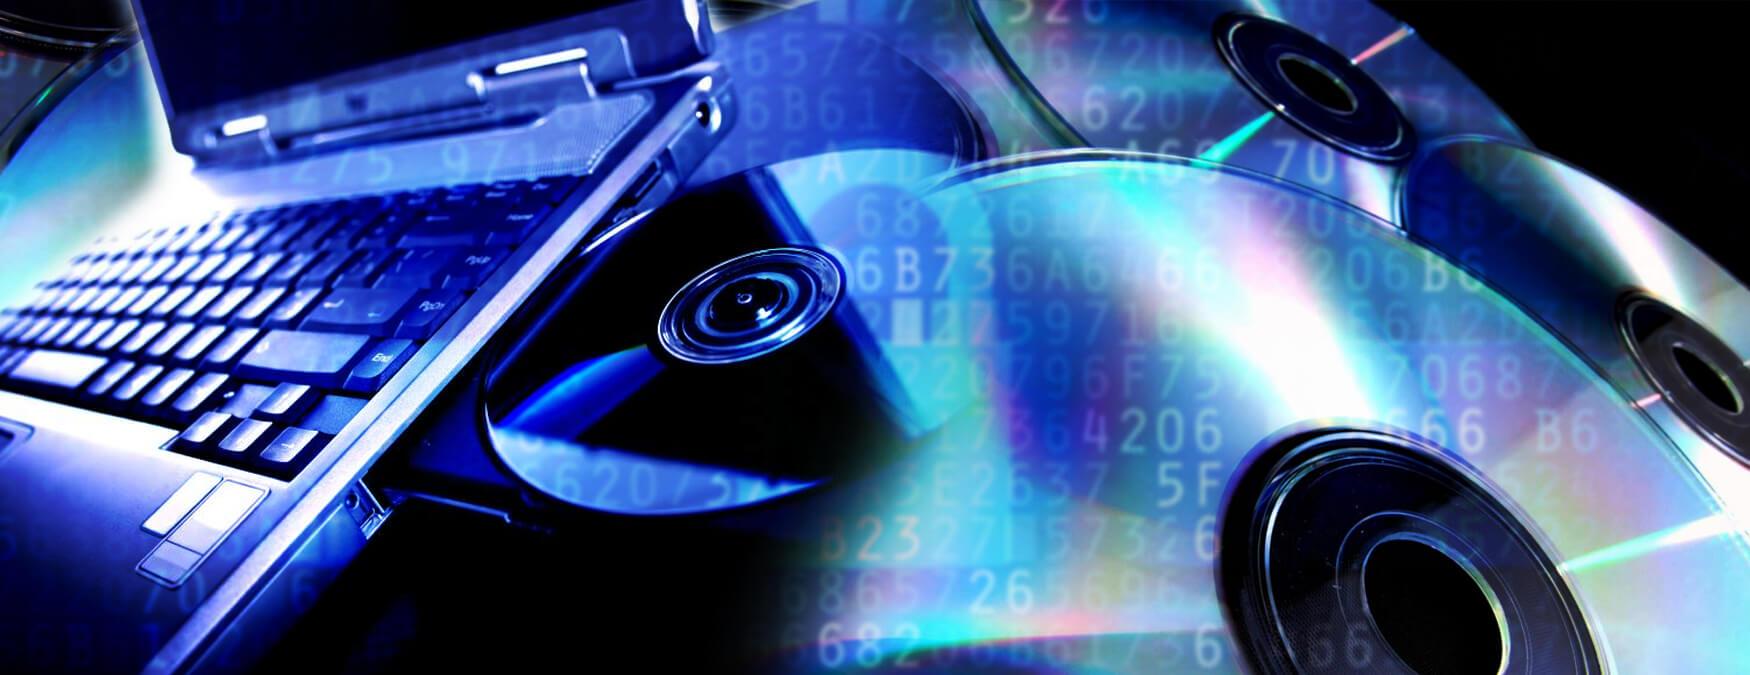 CD and DVD Shredding Image - AGR